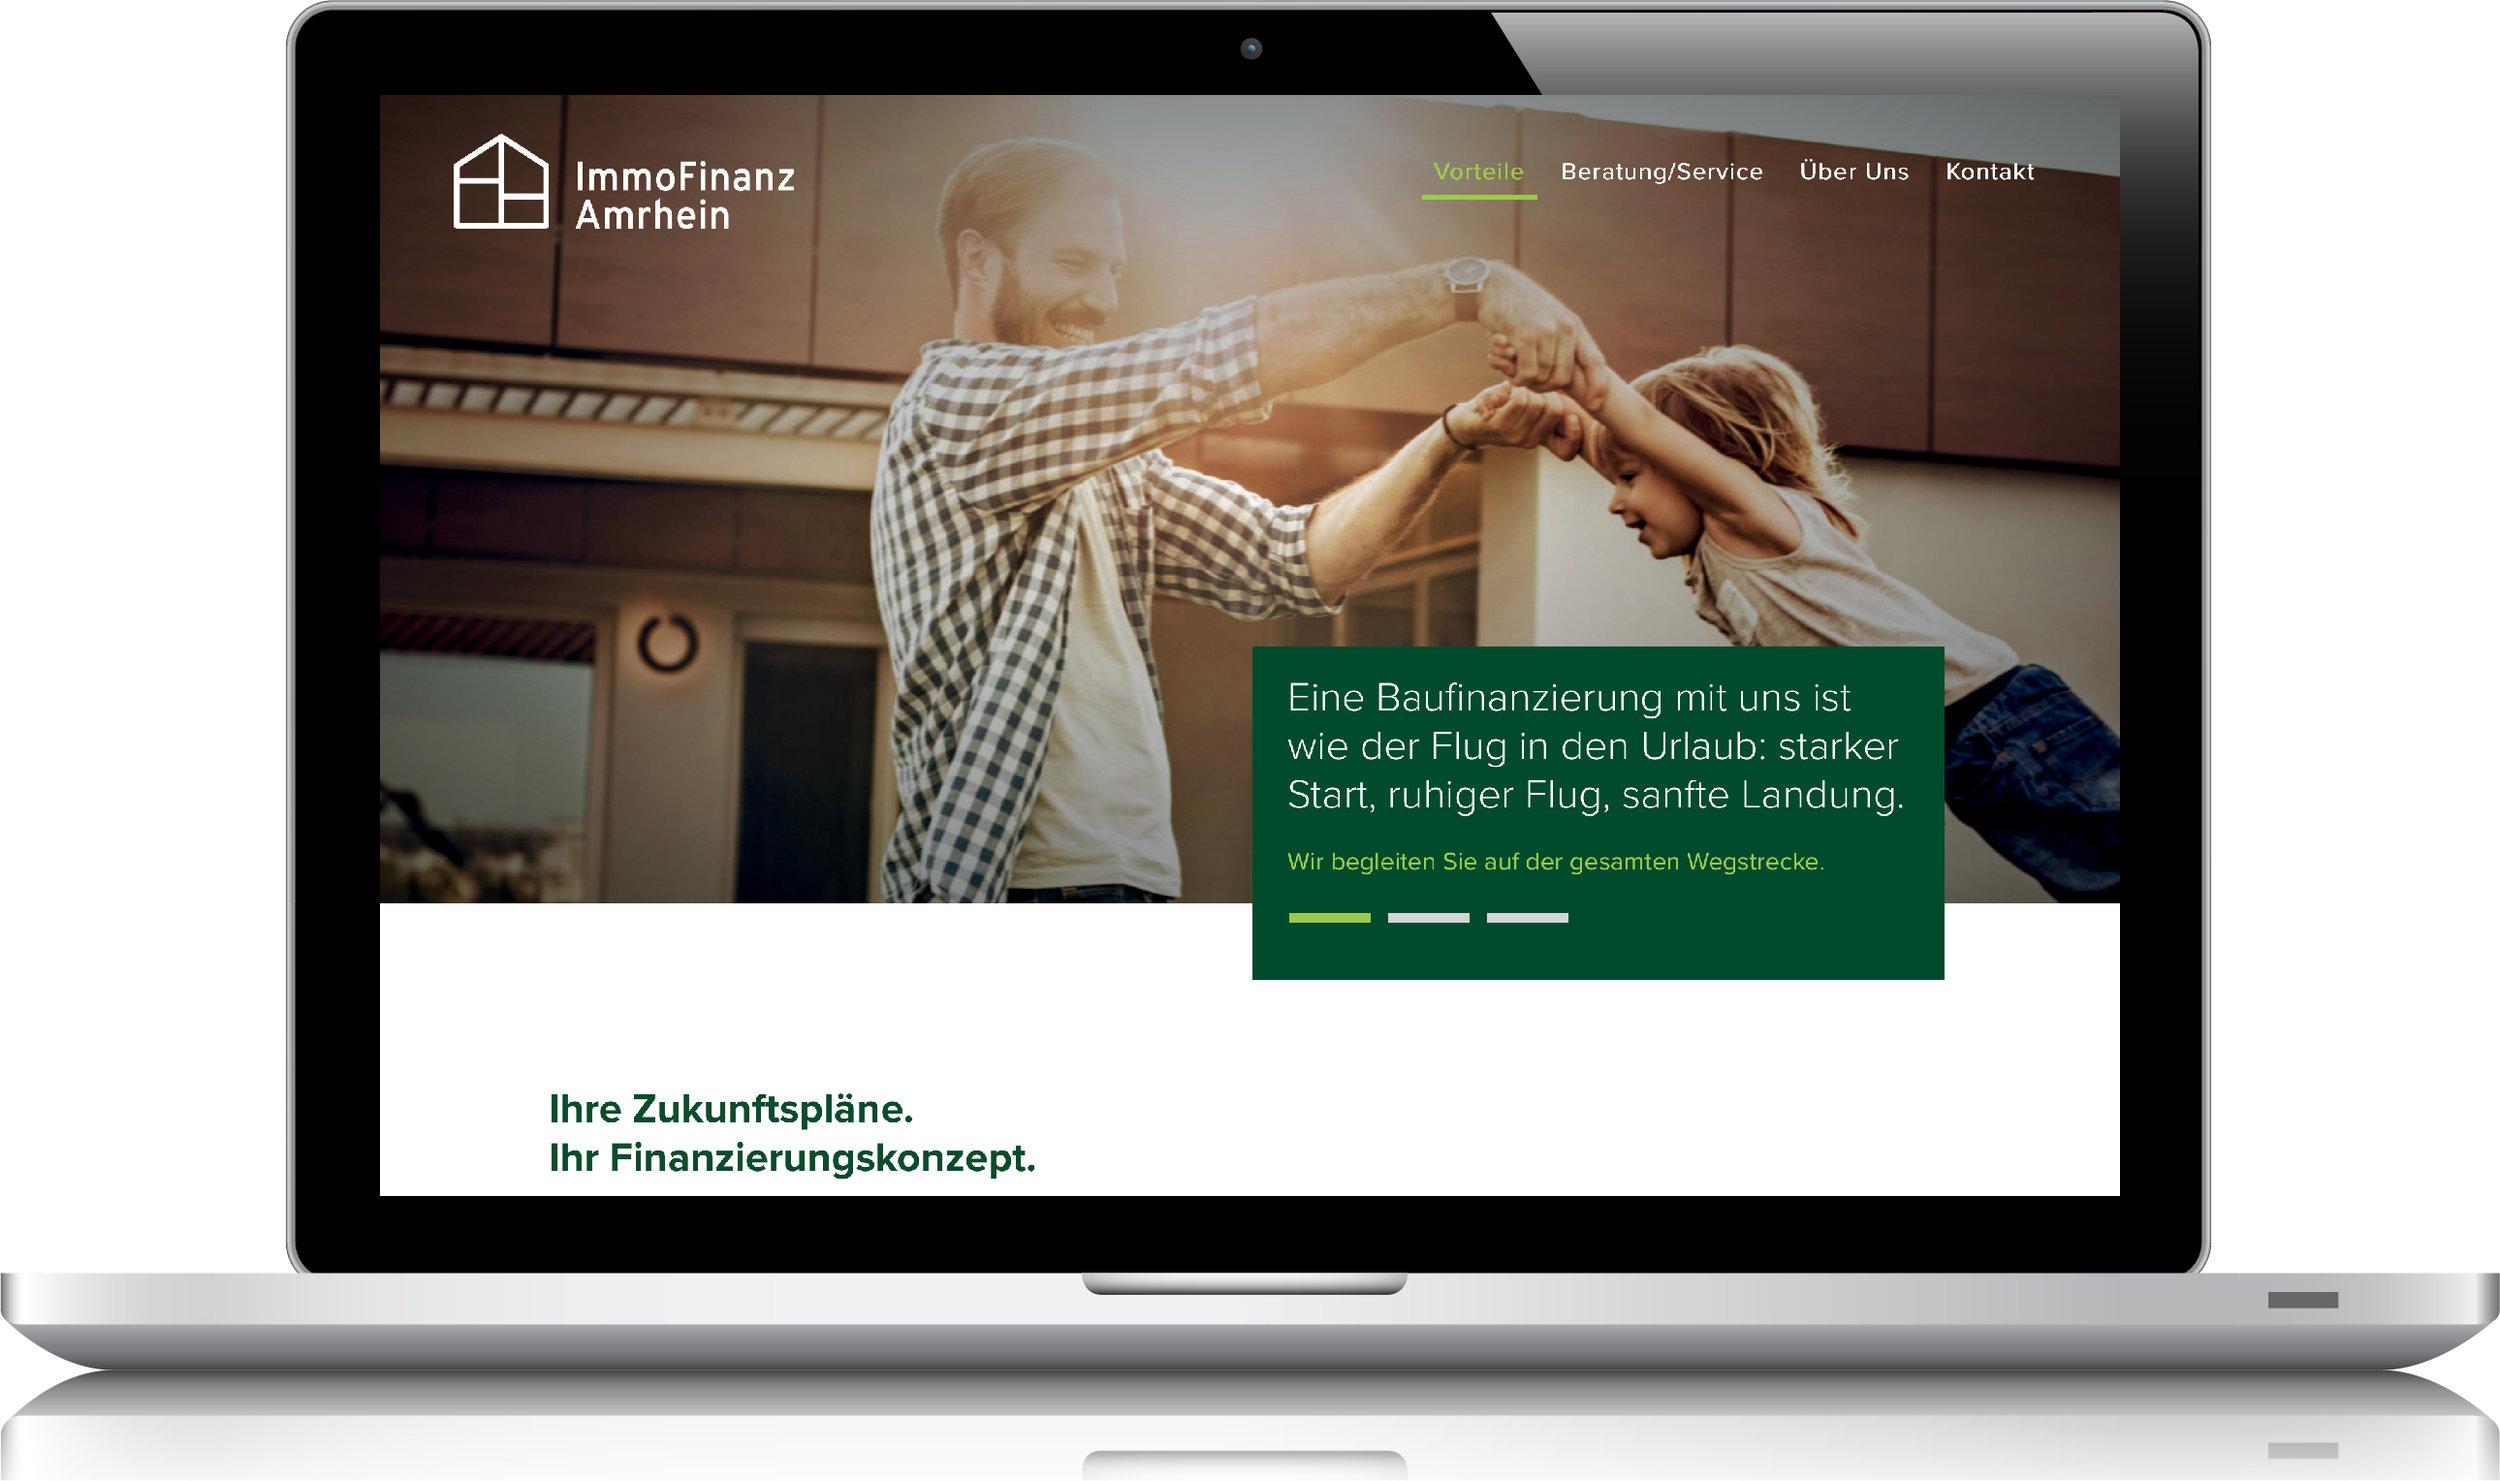 08/2018 LaunchImmoFinanz Amrhein - Konzeption & Webtexte by BONNINSKICorporate Design, Webdesign: Kathrin Rolfsen